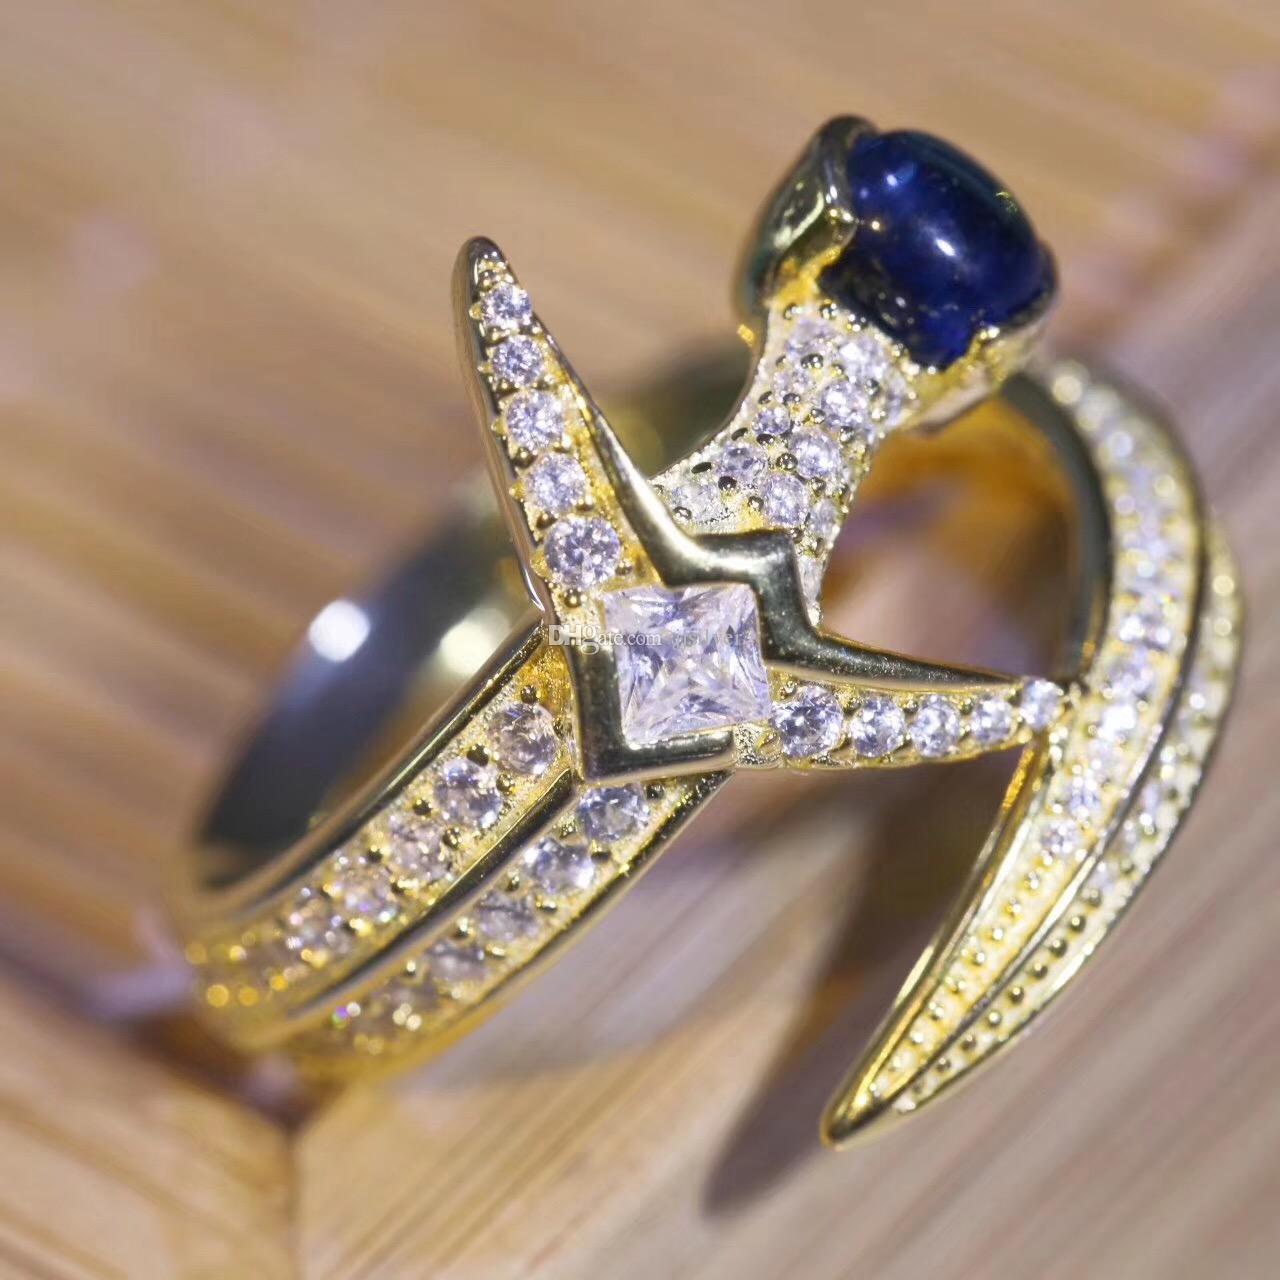 100% 925 Ayar Gümüş Açıkça CZ Salı Aşk Kılıç Parmak Yüzük Kadınlar için Kız Güzel Takı Hediye Düğün anneau